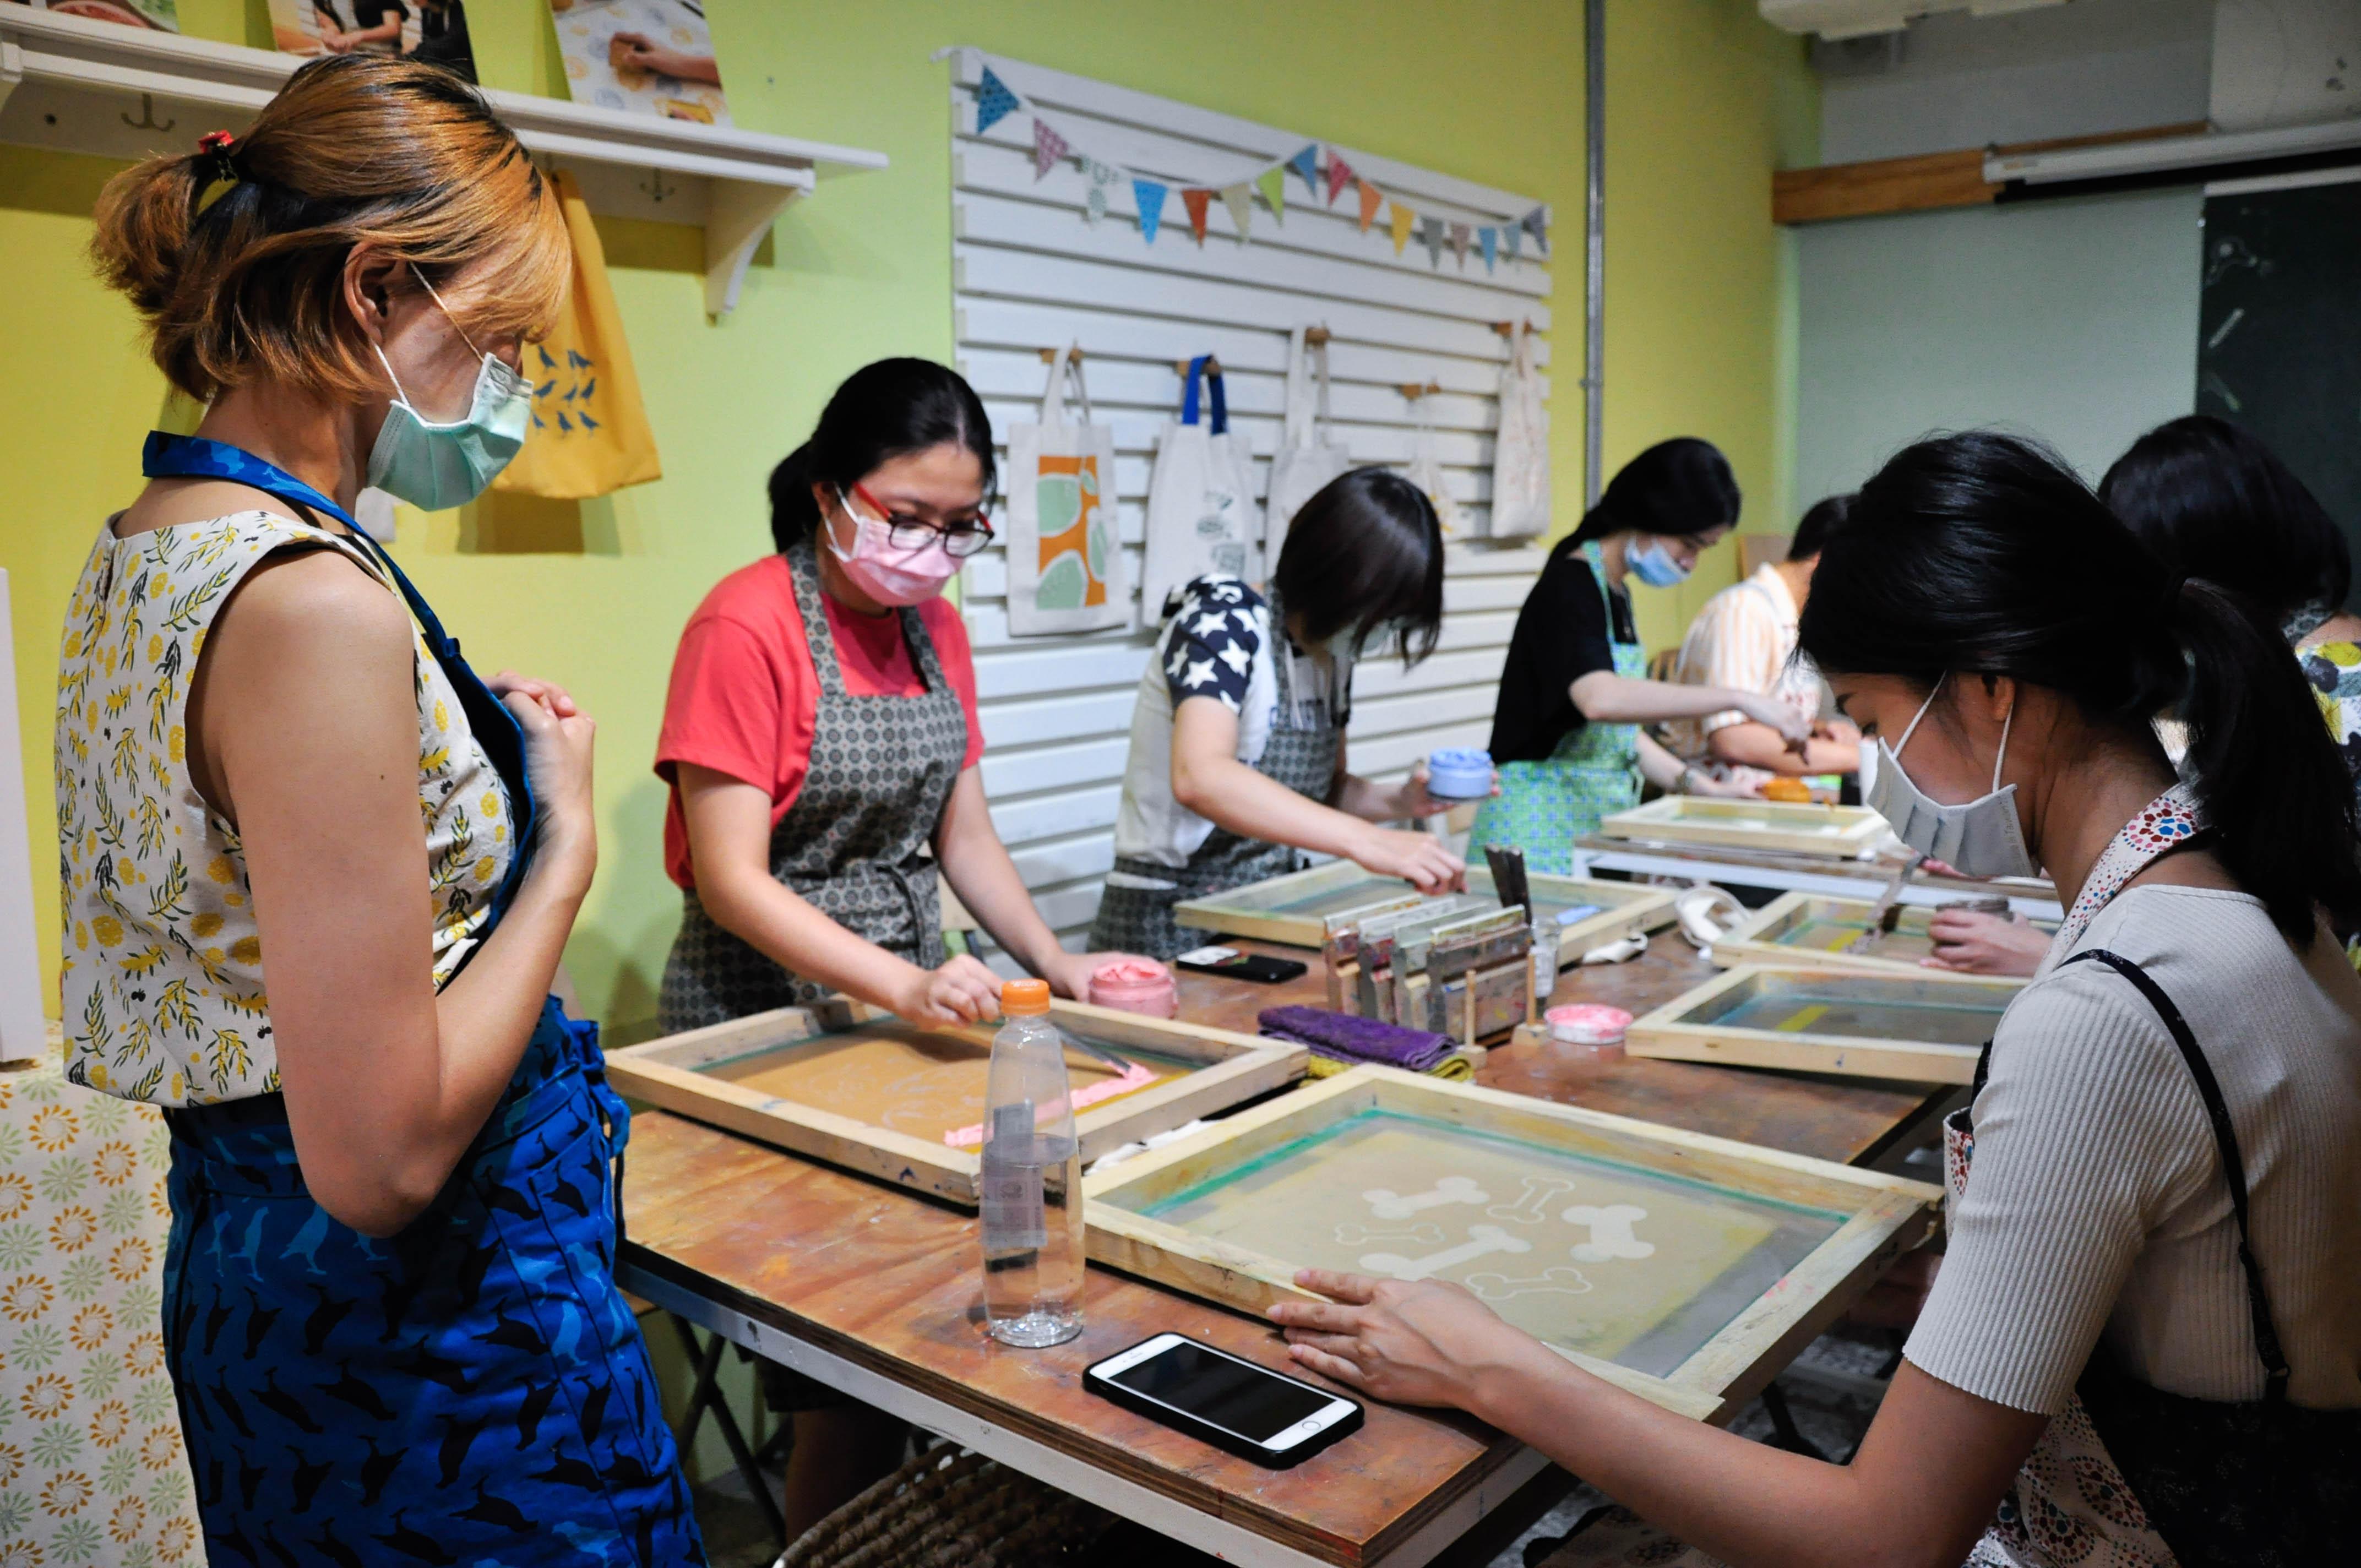 絹印手作樂課程由店長溫珮妏(圖左)負責教學。攝影/汪祐寧